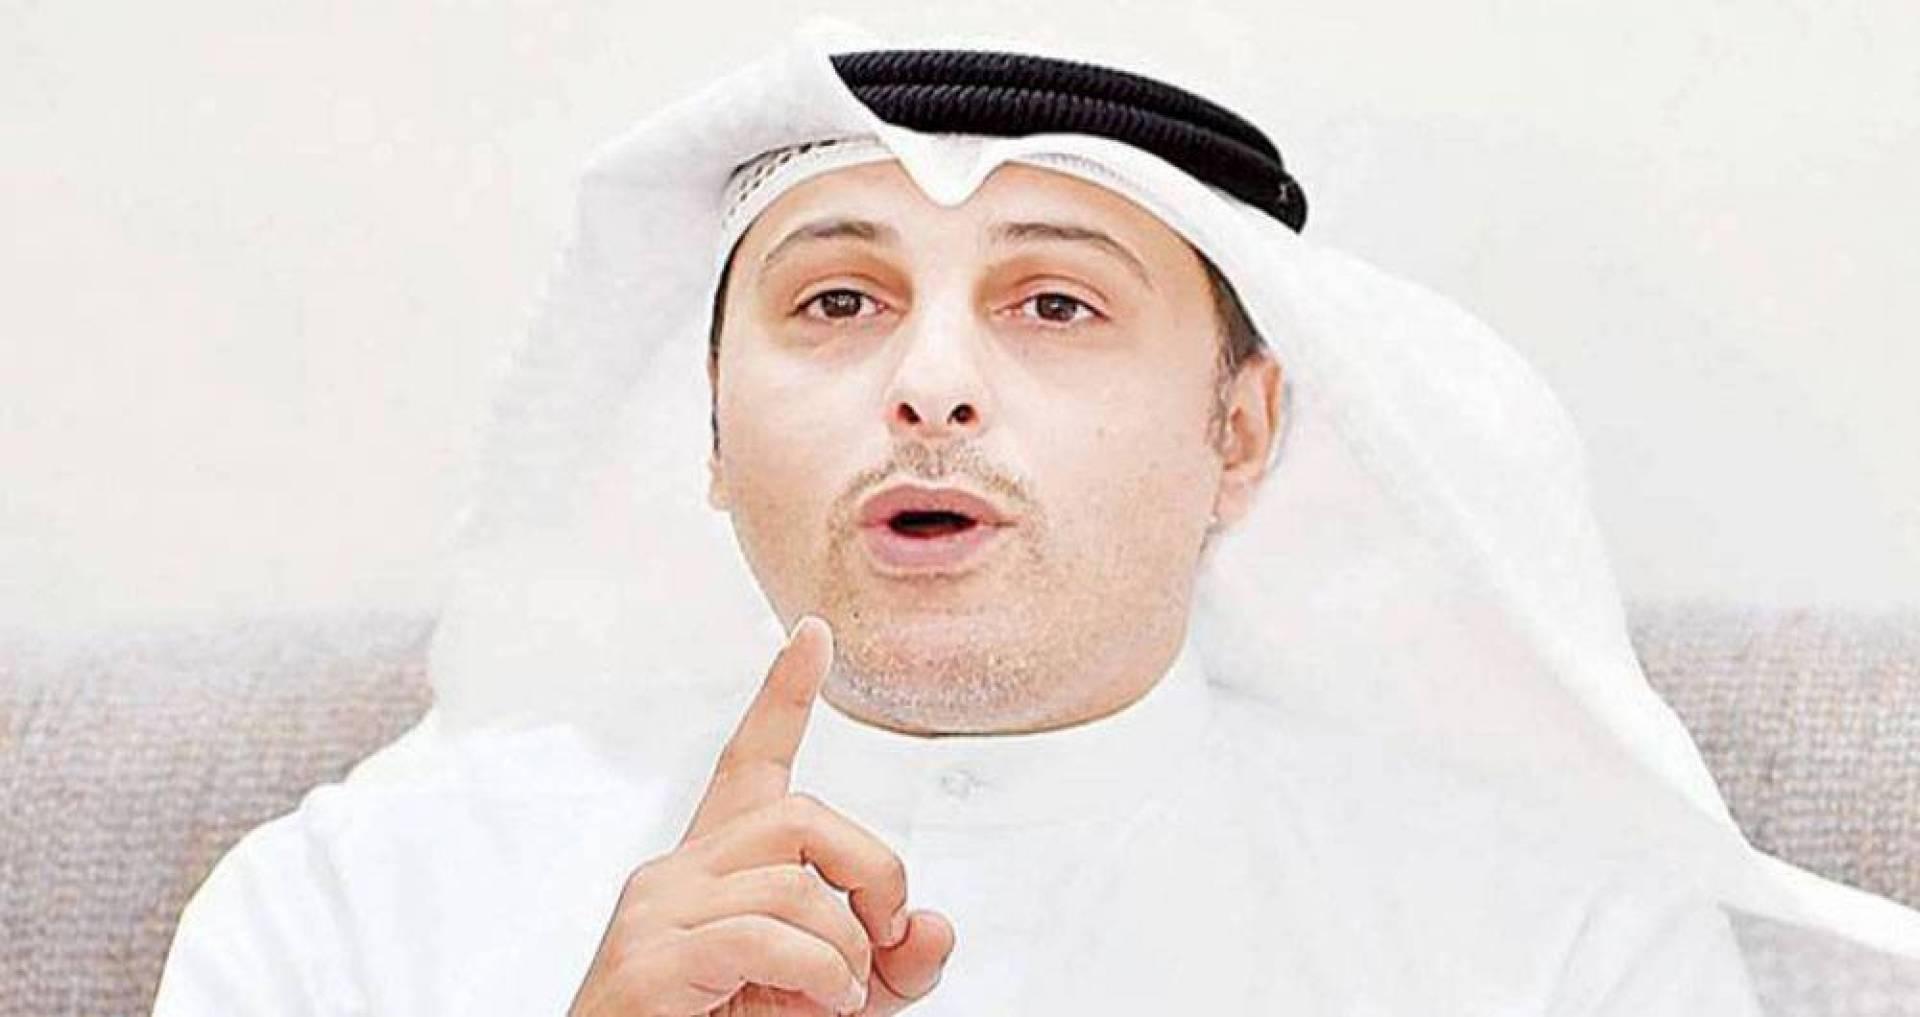 أحمد الفضل: لا نرتضي الدفاع عن مقدساتنا باستخدام العنف